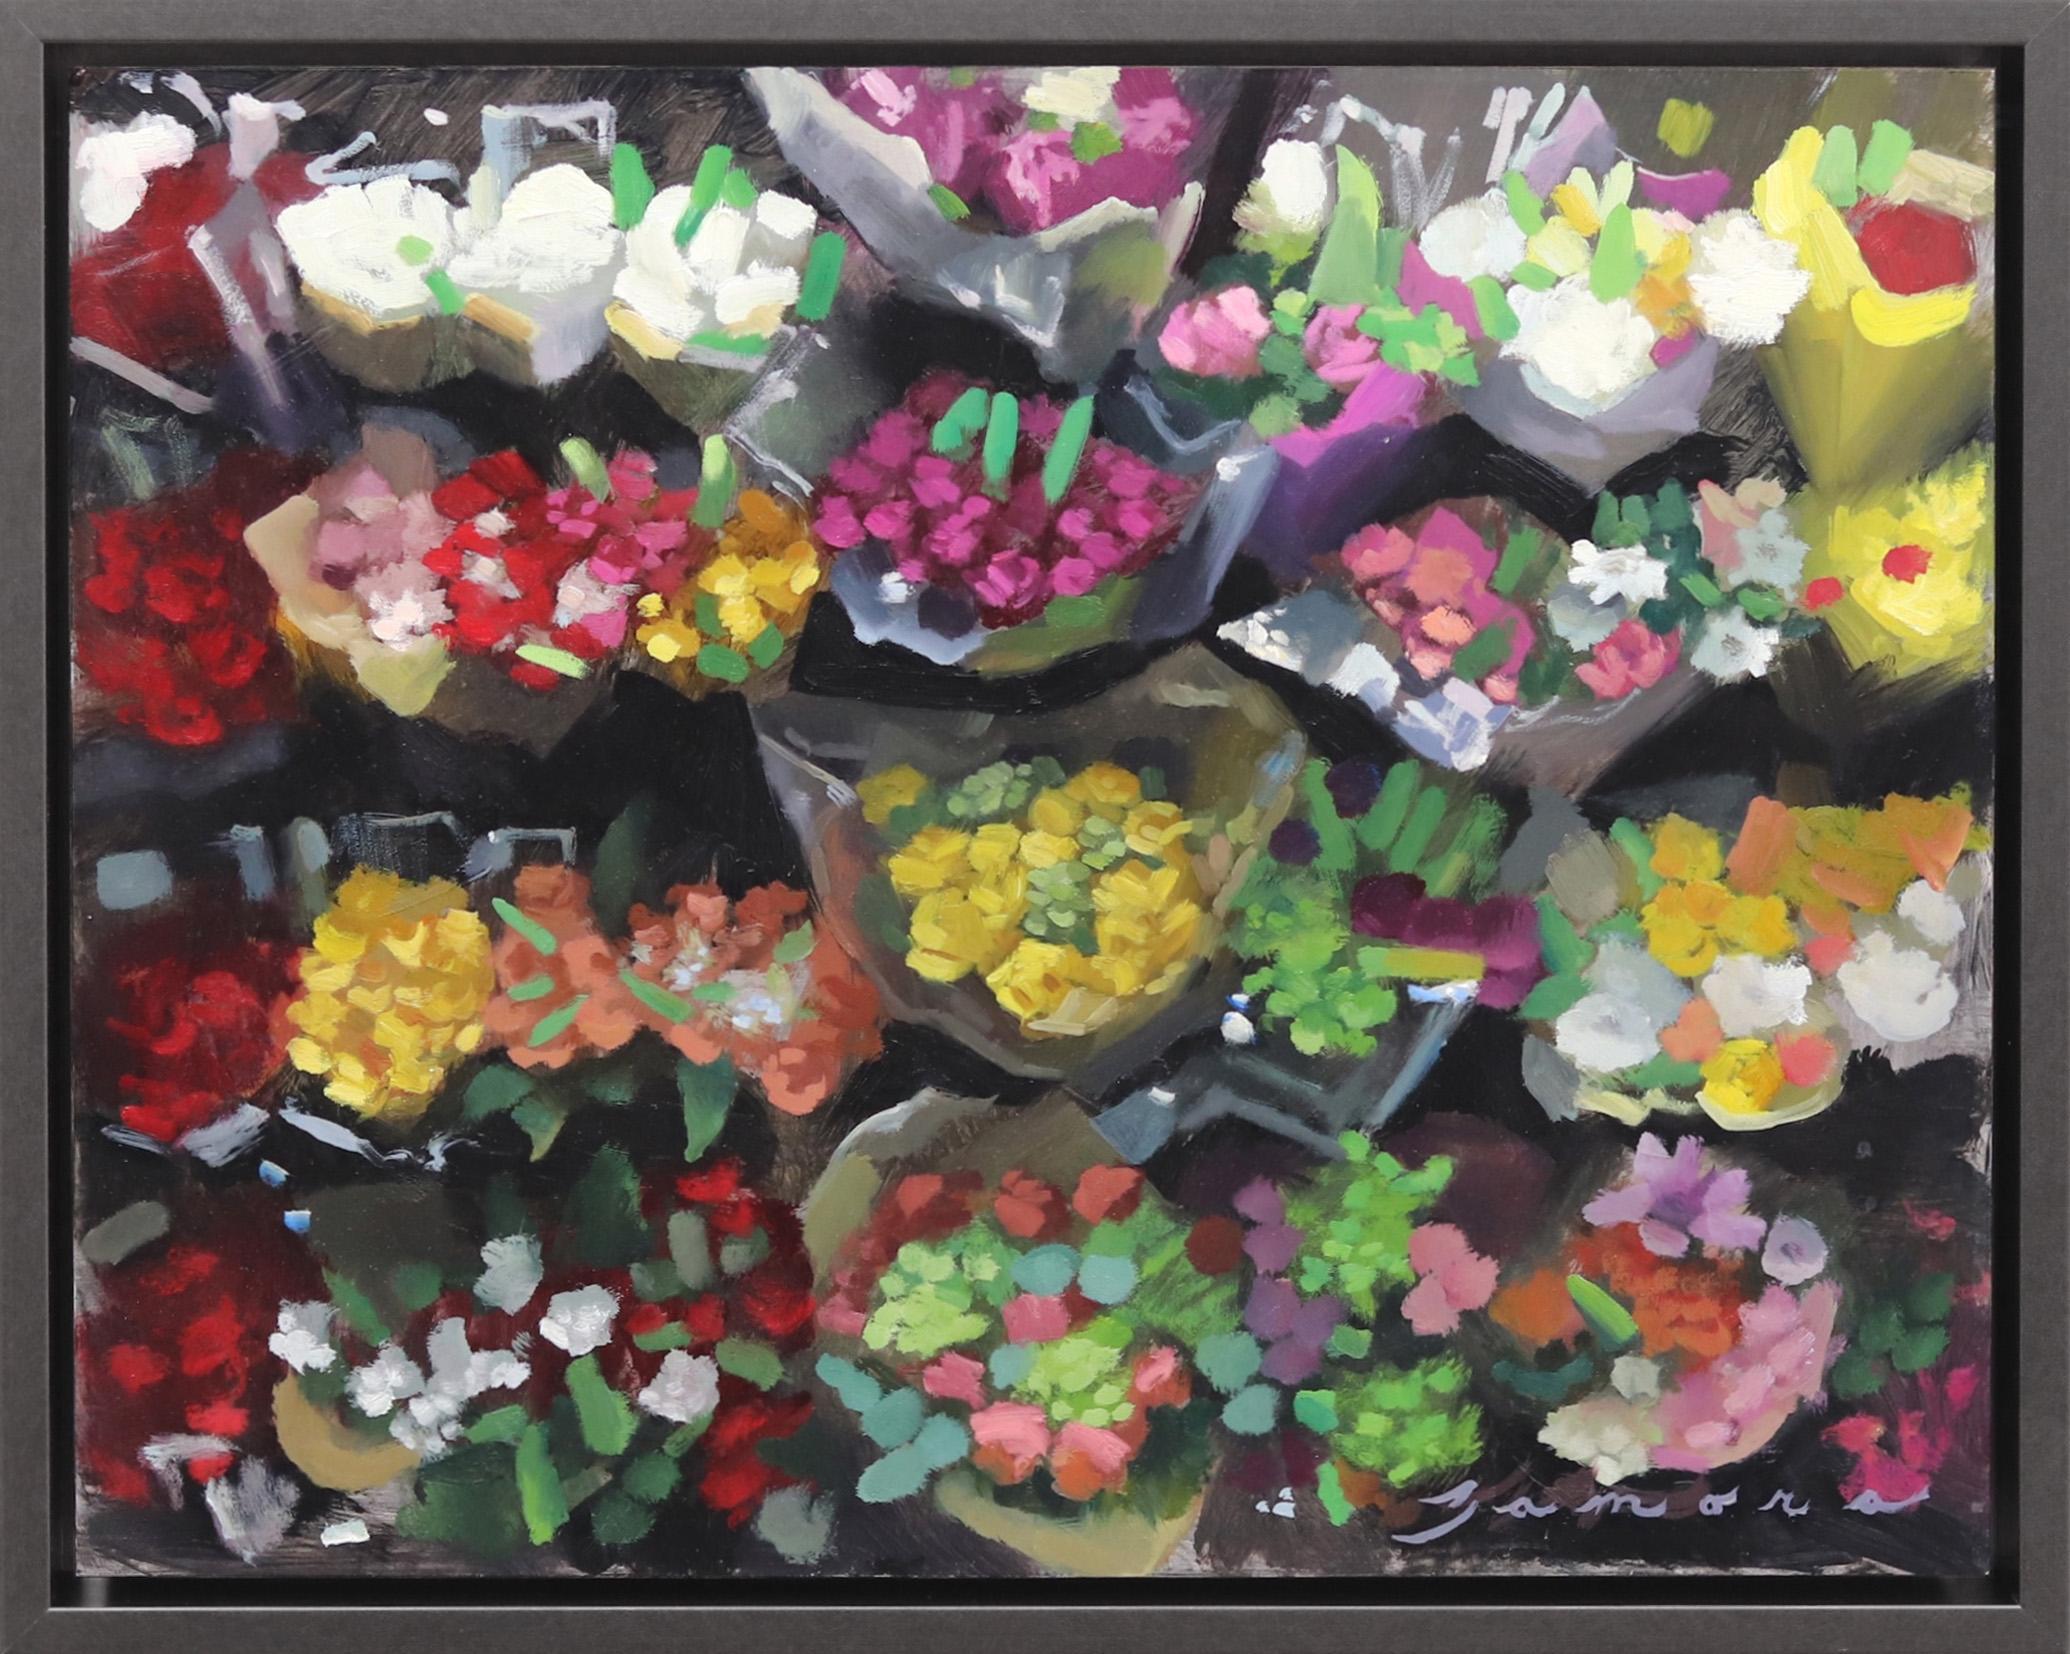 Floral Aisle No. 2